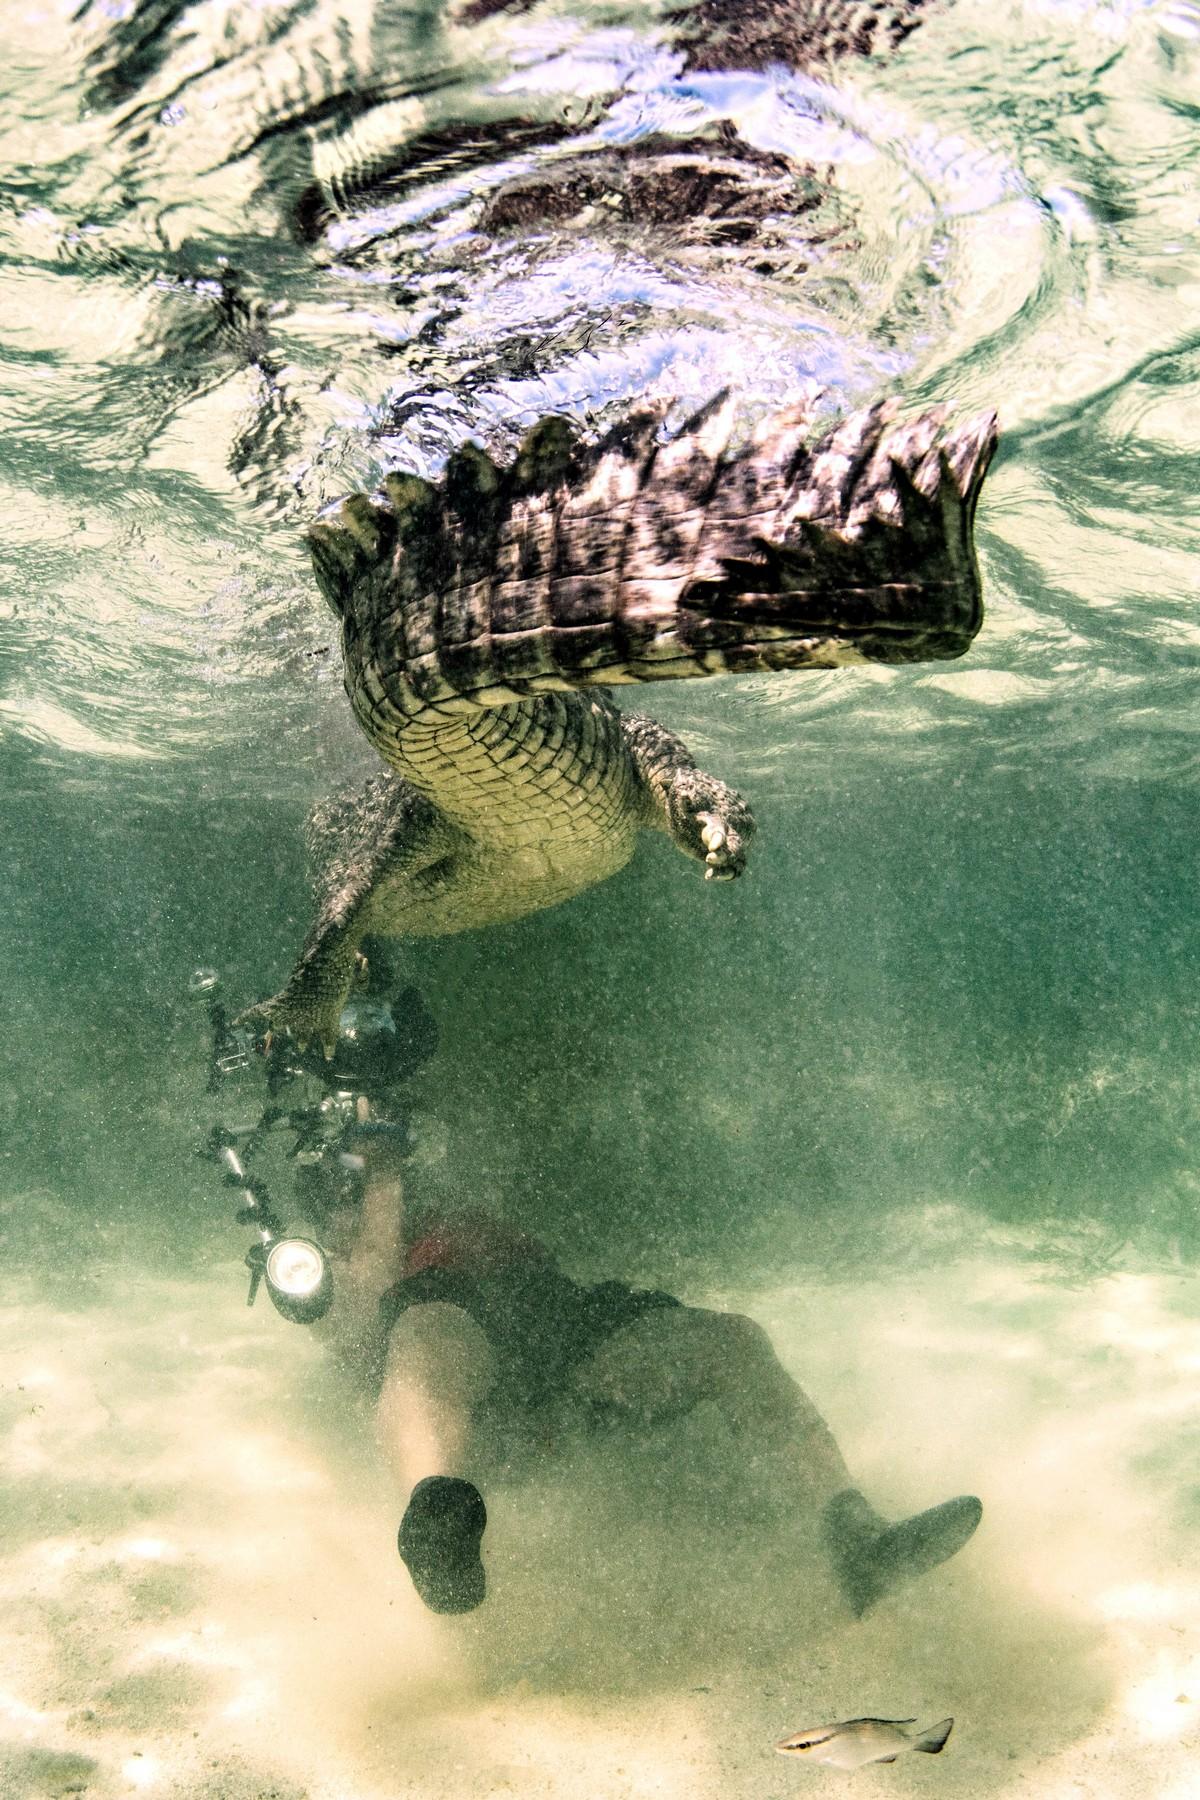 Фотосессия с крокодилами в их естественной среде обитания